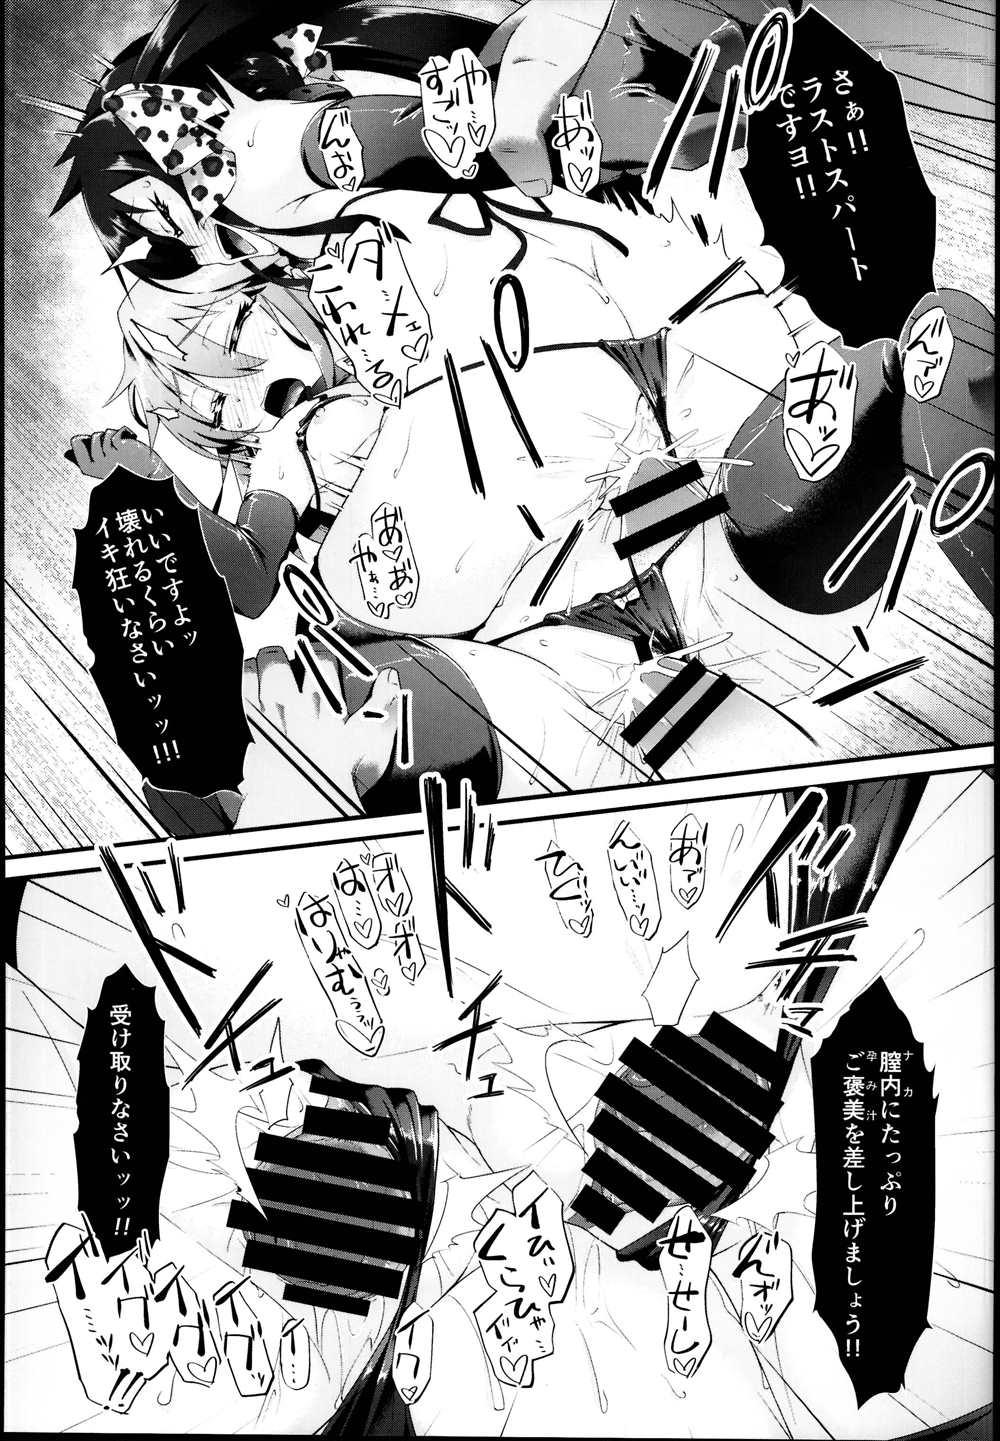 【エロ同人誌】(C95)催眠洗脳されてしまった結城晴ちゃん…オジサンの調教されてメスガキになっちゃうwww【猫乃またたび:結城晴 メスガキ調教体験 がんばるも~ん】